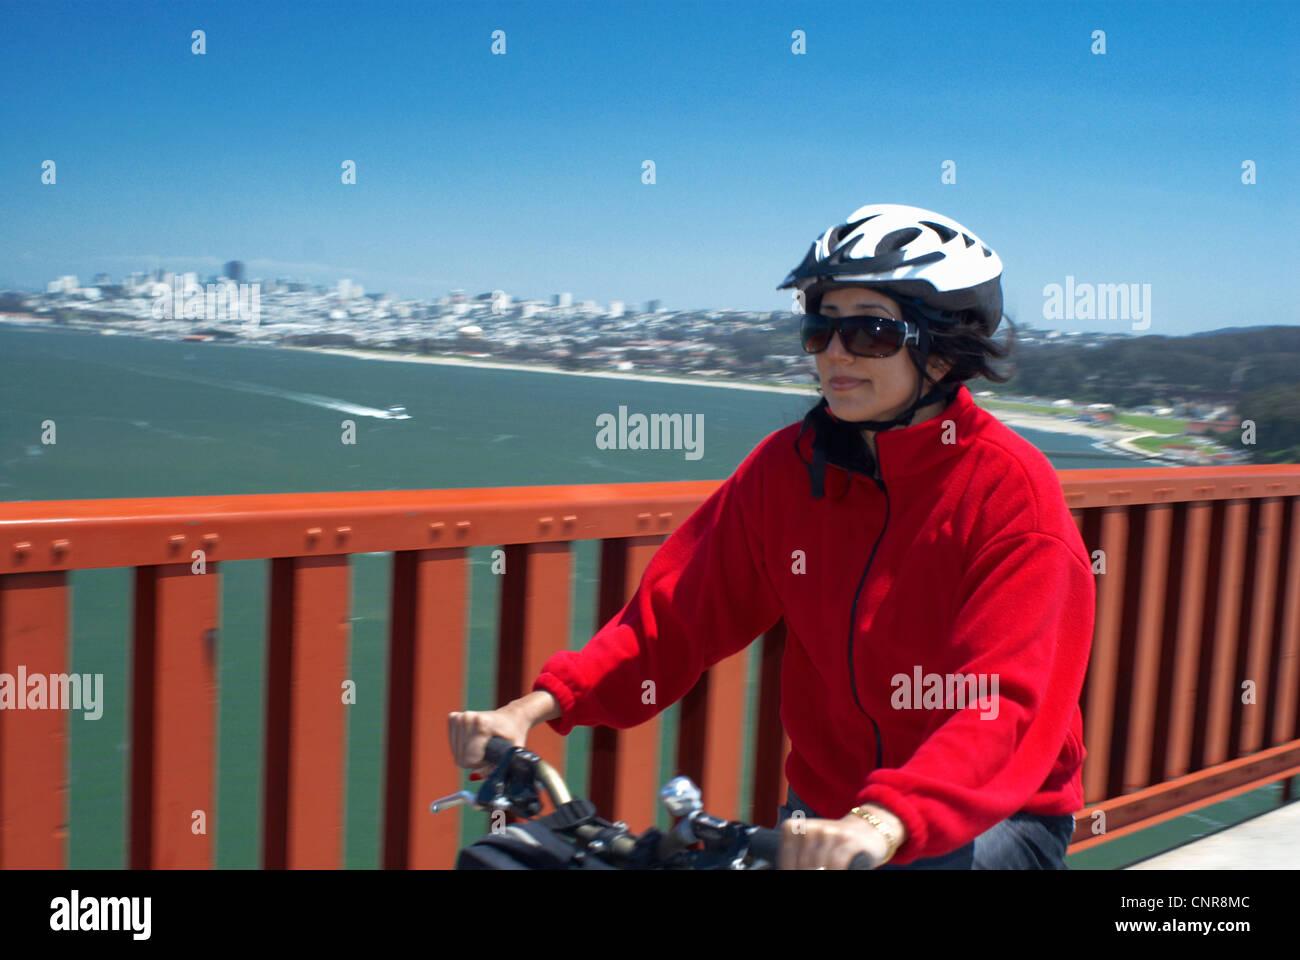 Woman riding bike sur pont urbain Banque D'Images